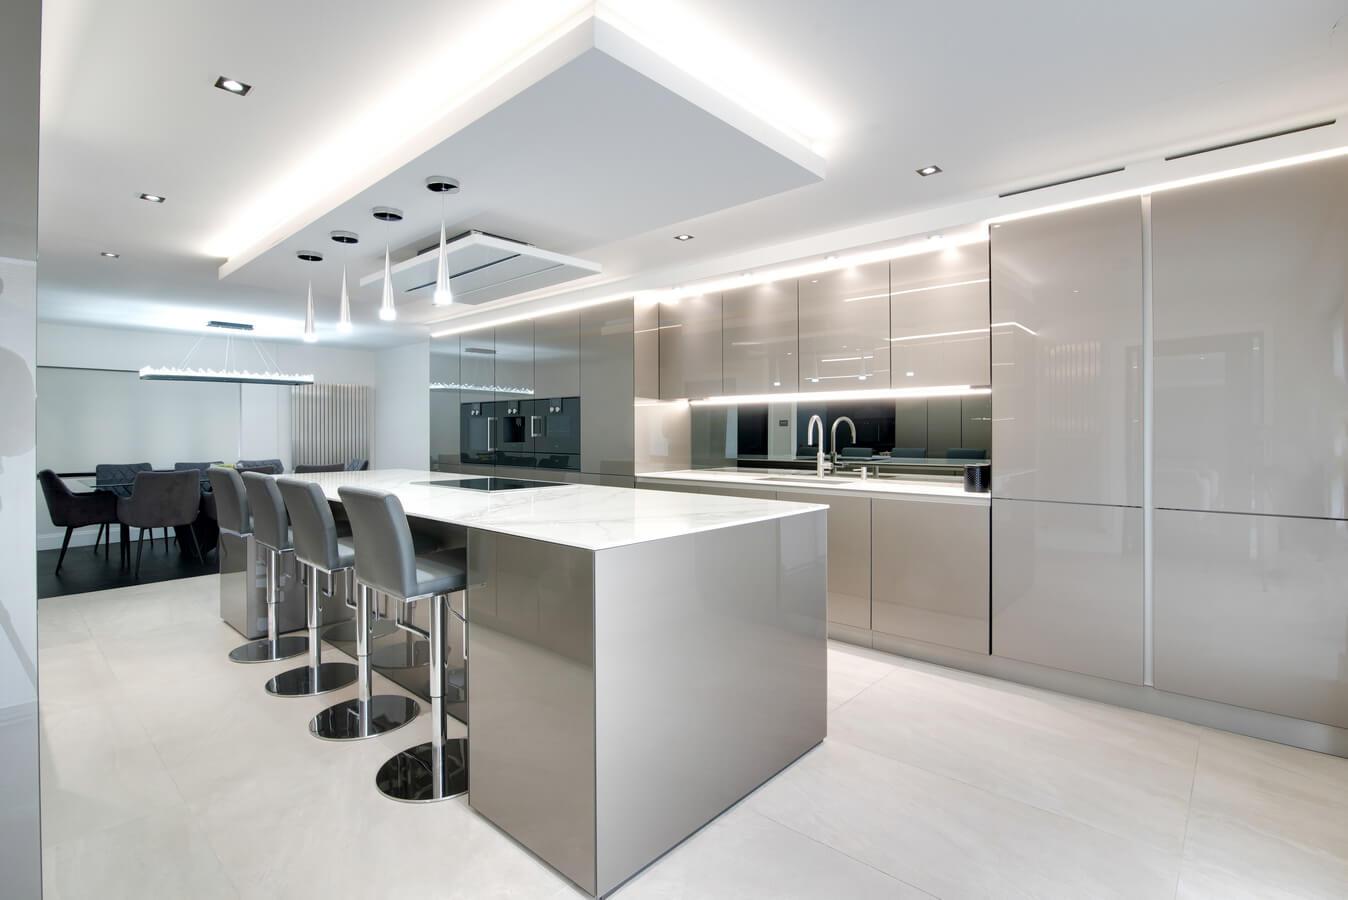 Modern-german-kitchen-island-by-Moiety.jpg